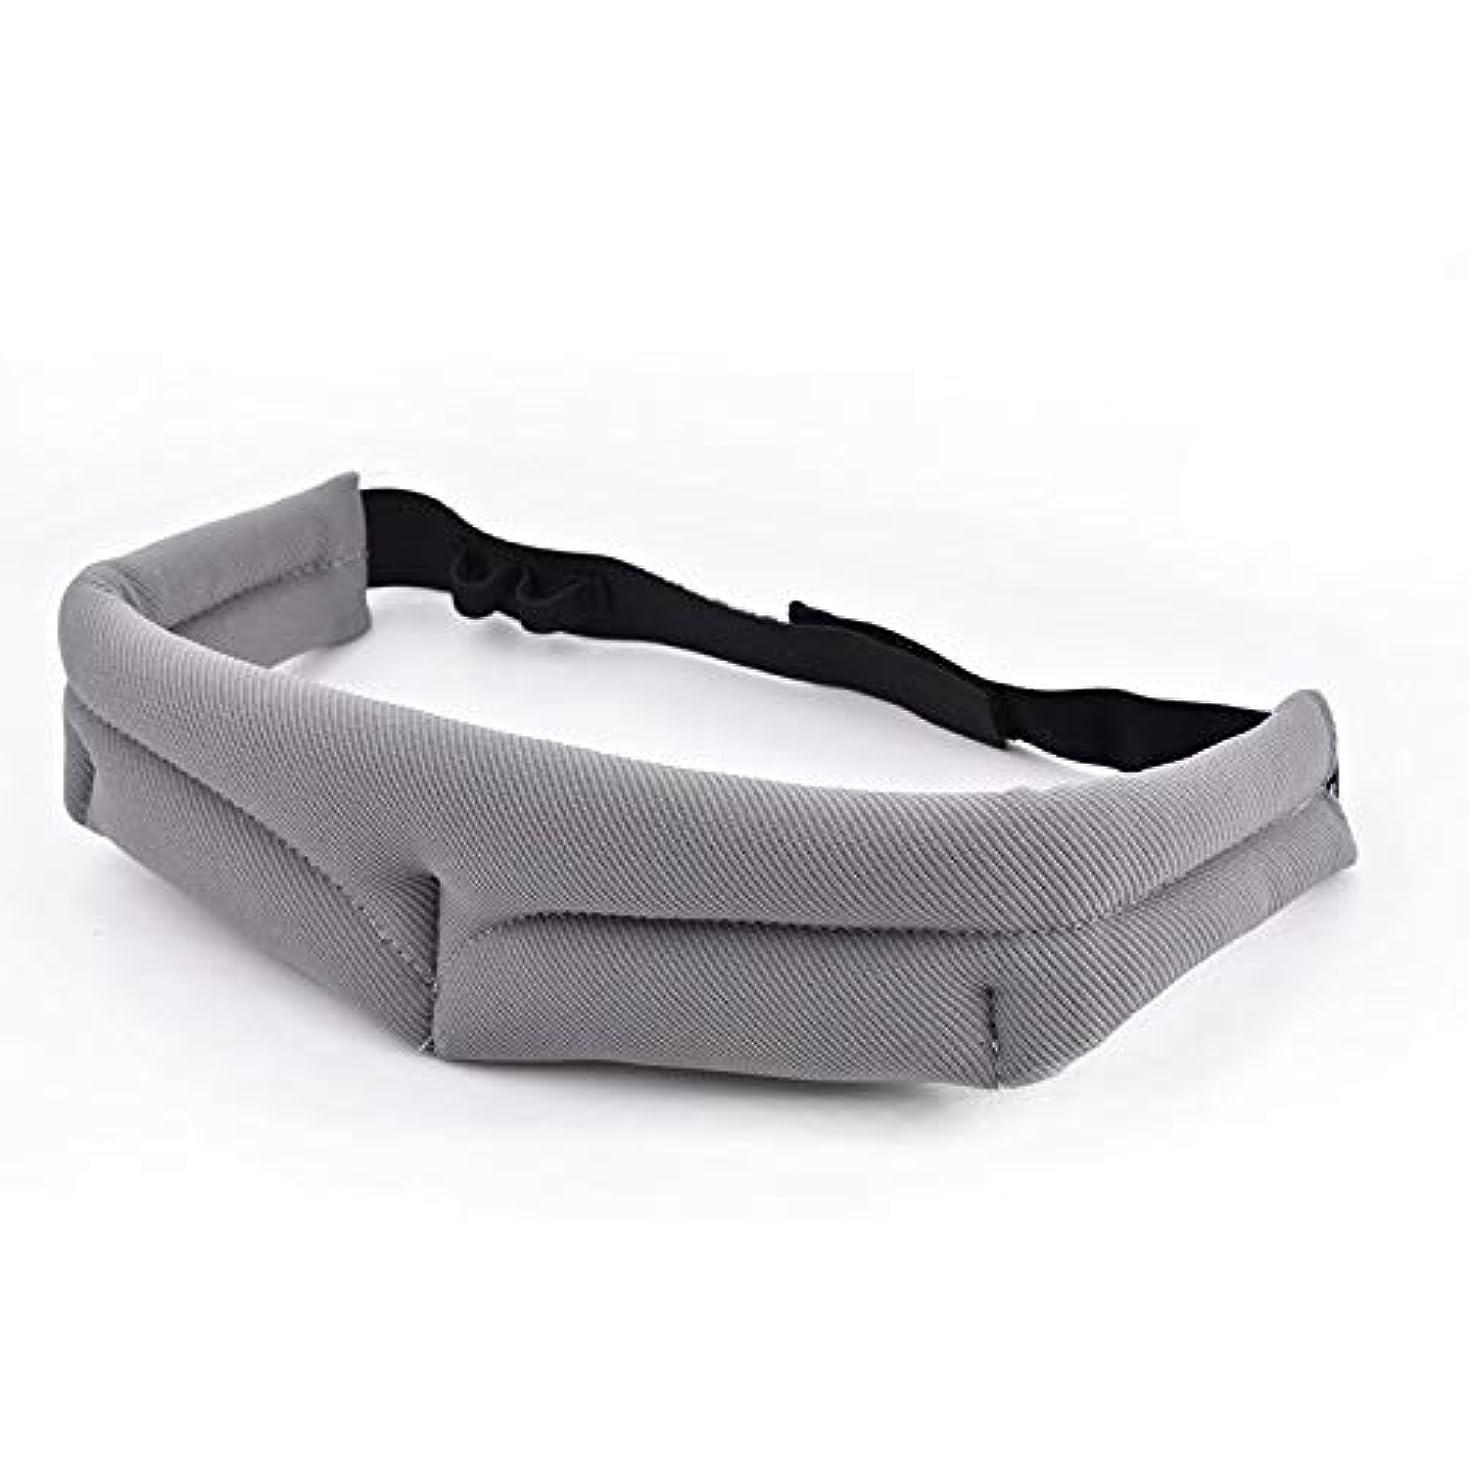 実り多い支配的顕微鏡NOTE 男性女性3d睡眠マスク用旅行リラックス睡眠補助アイマスク目隠しカバー通気性調整可能包帯アイパッチ2色